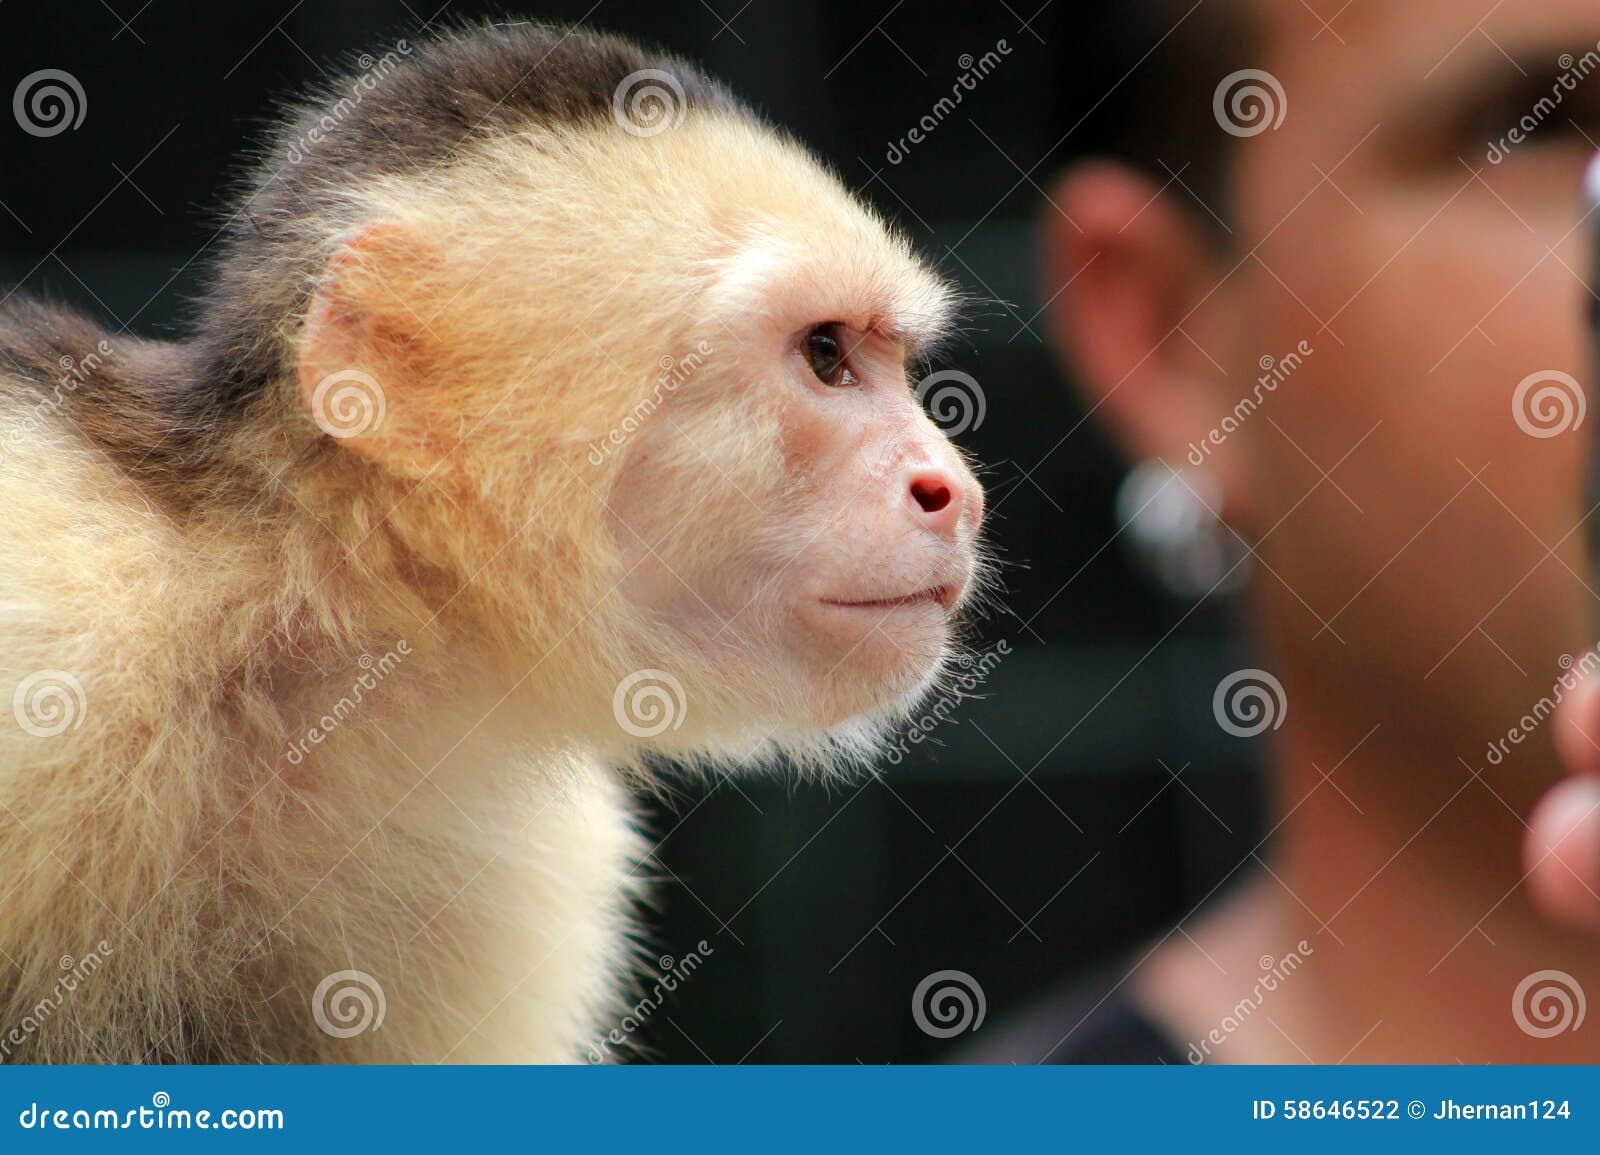 Pet Monkey Face Stock Photo - Image: 58646522